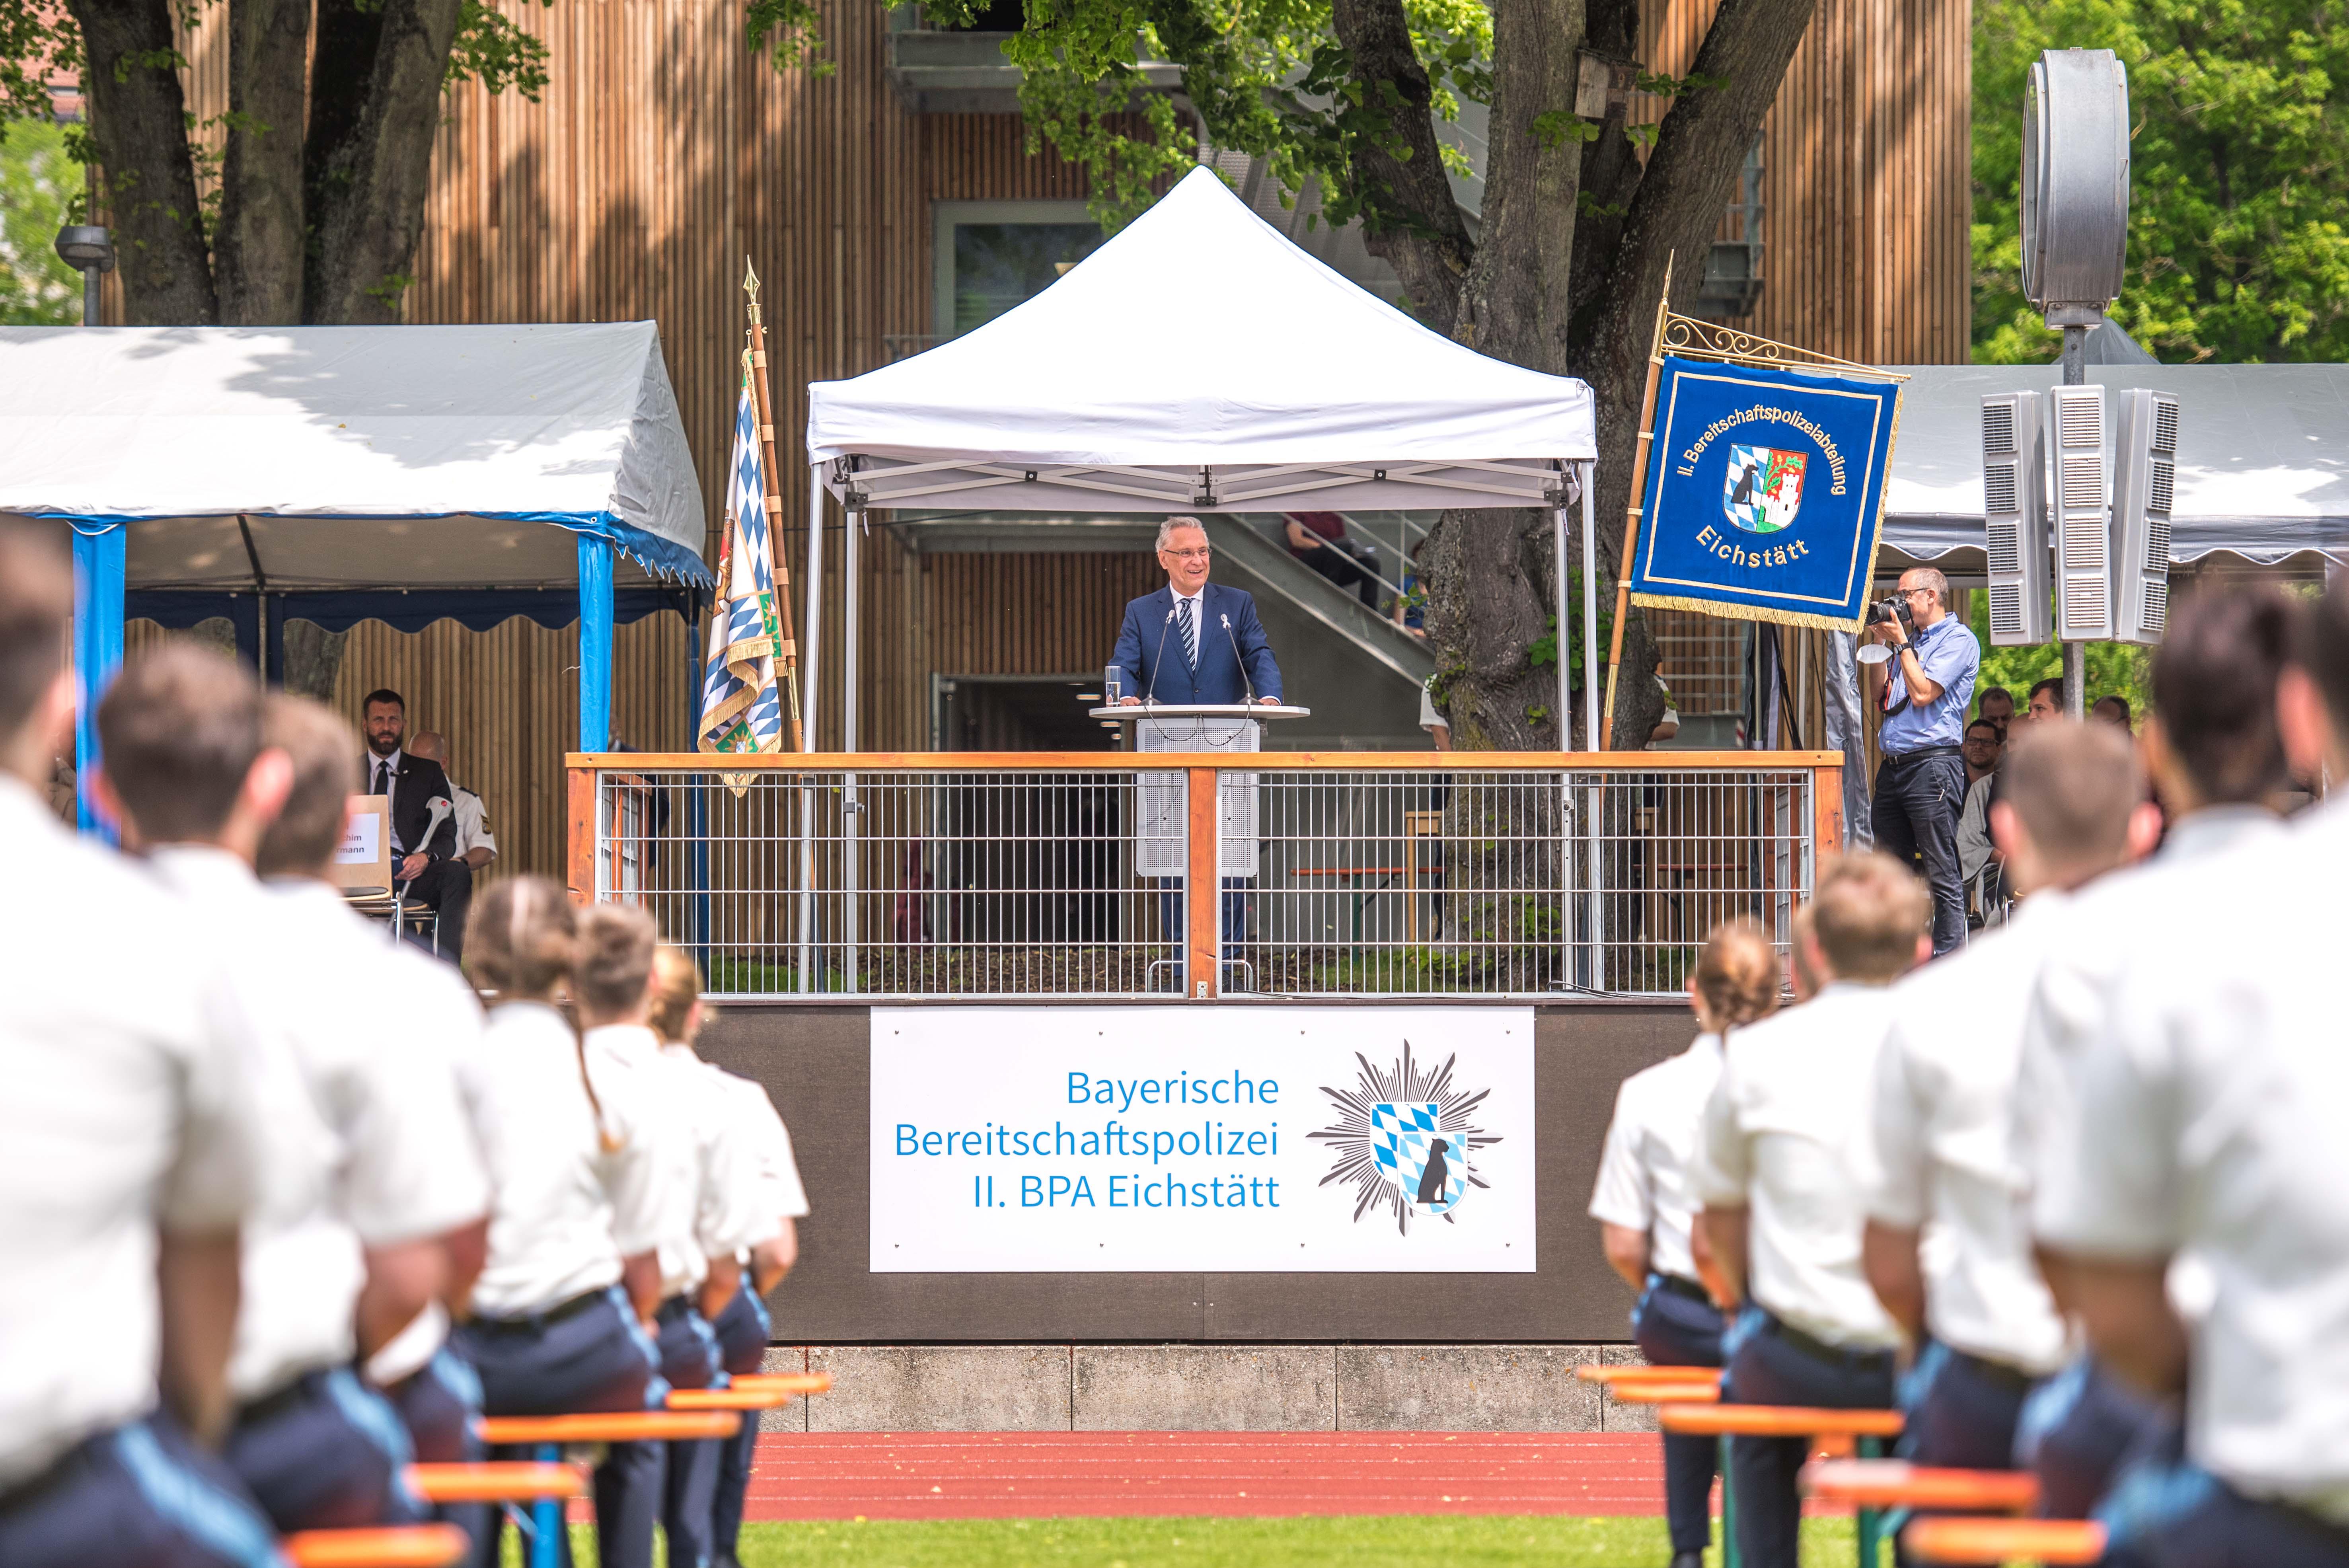 Verstärkung der Bayerischen Polizei: Herrmann vereidigt in Dachau rund 300 neue Polizistinnen und Polizisten